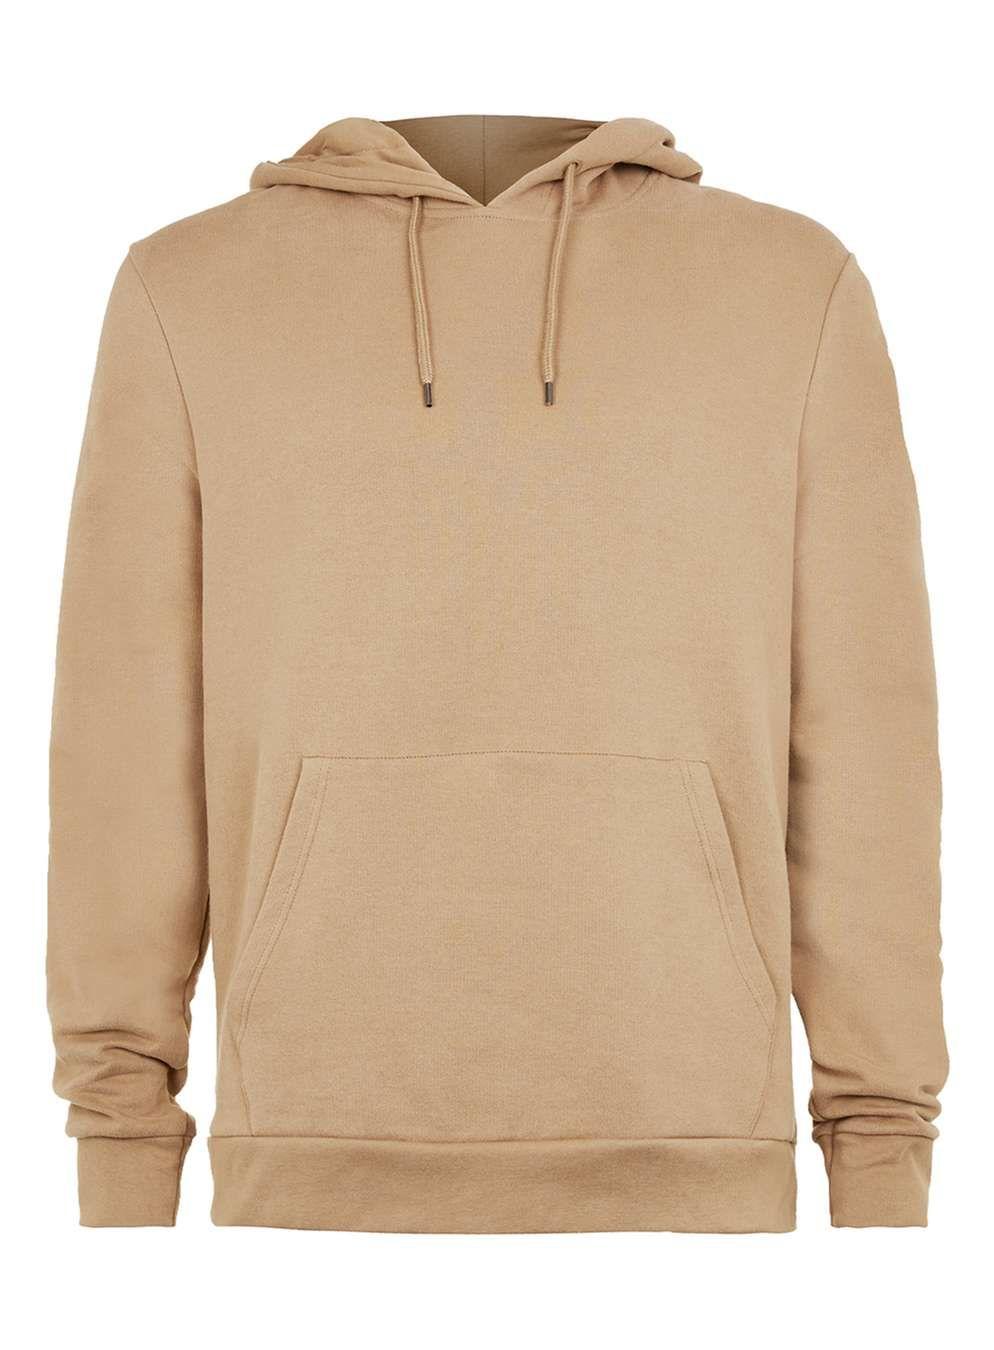 Tan Classic Fit Hoodie Clothing Pinterest Hoodie